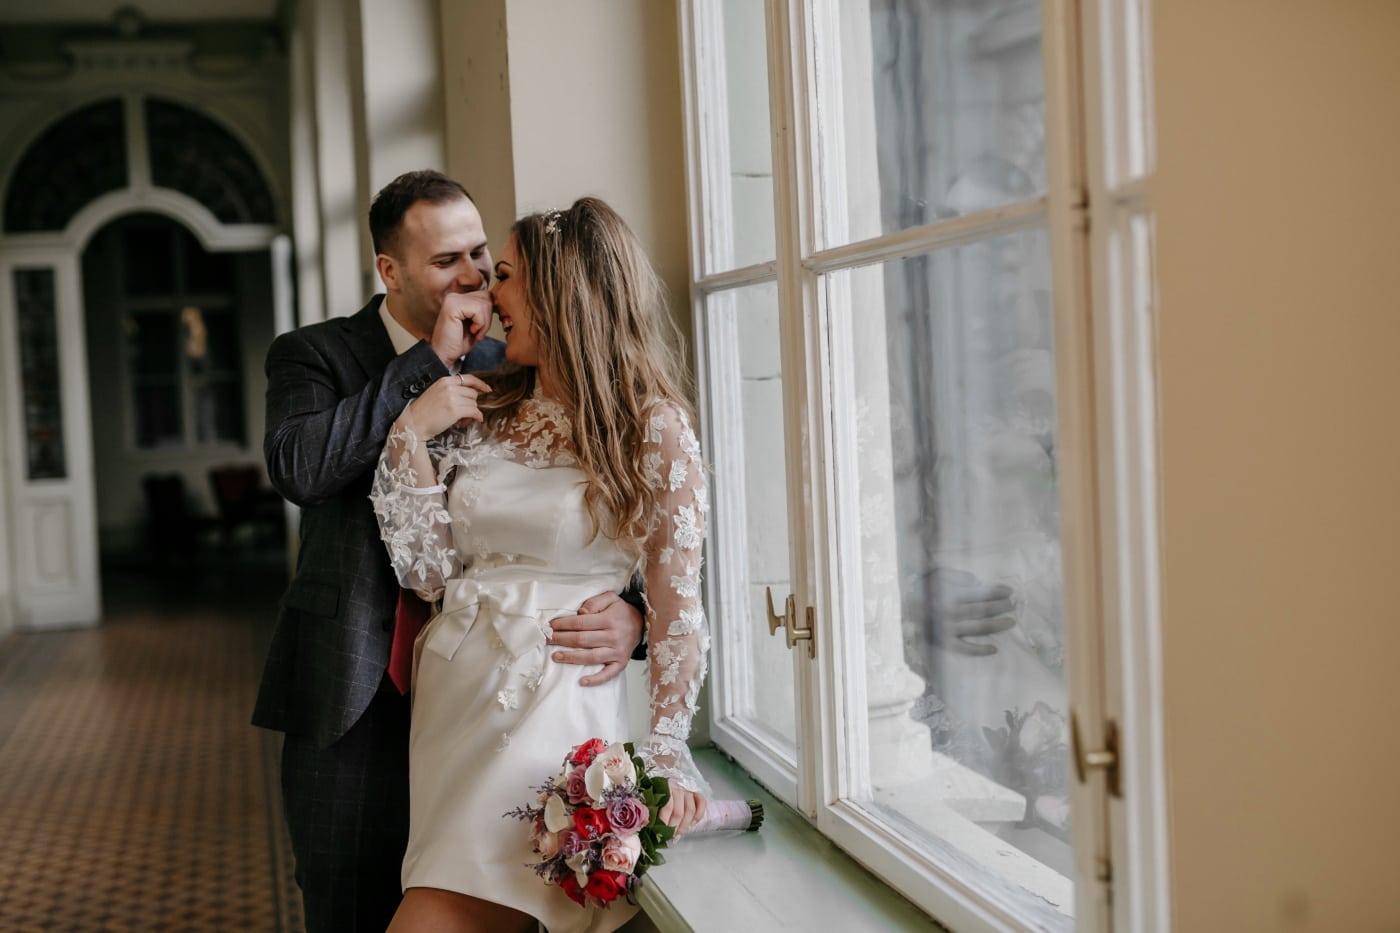 friss házasok, előszoba, Haza, nő, vőlegény, pár, menyasszony, esküvő, szerelem, ember